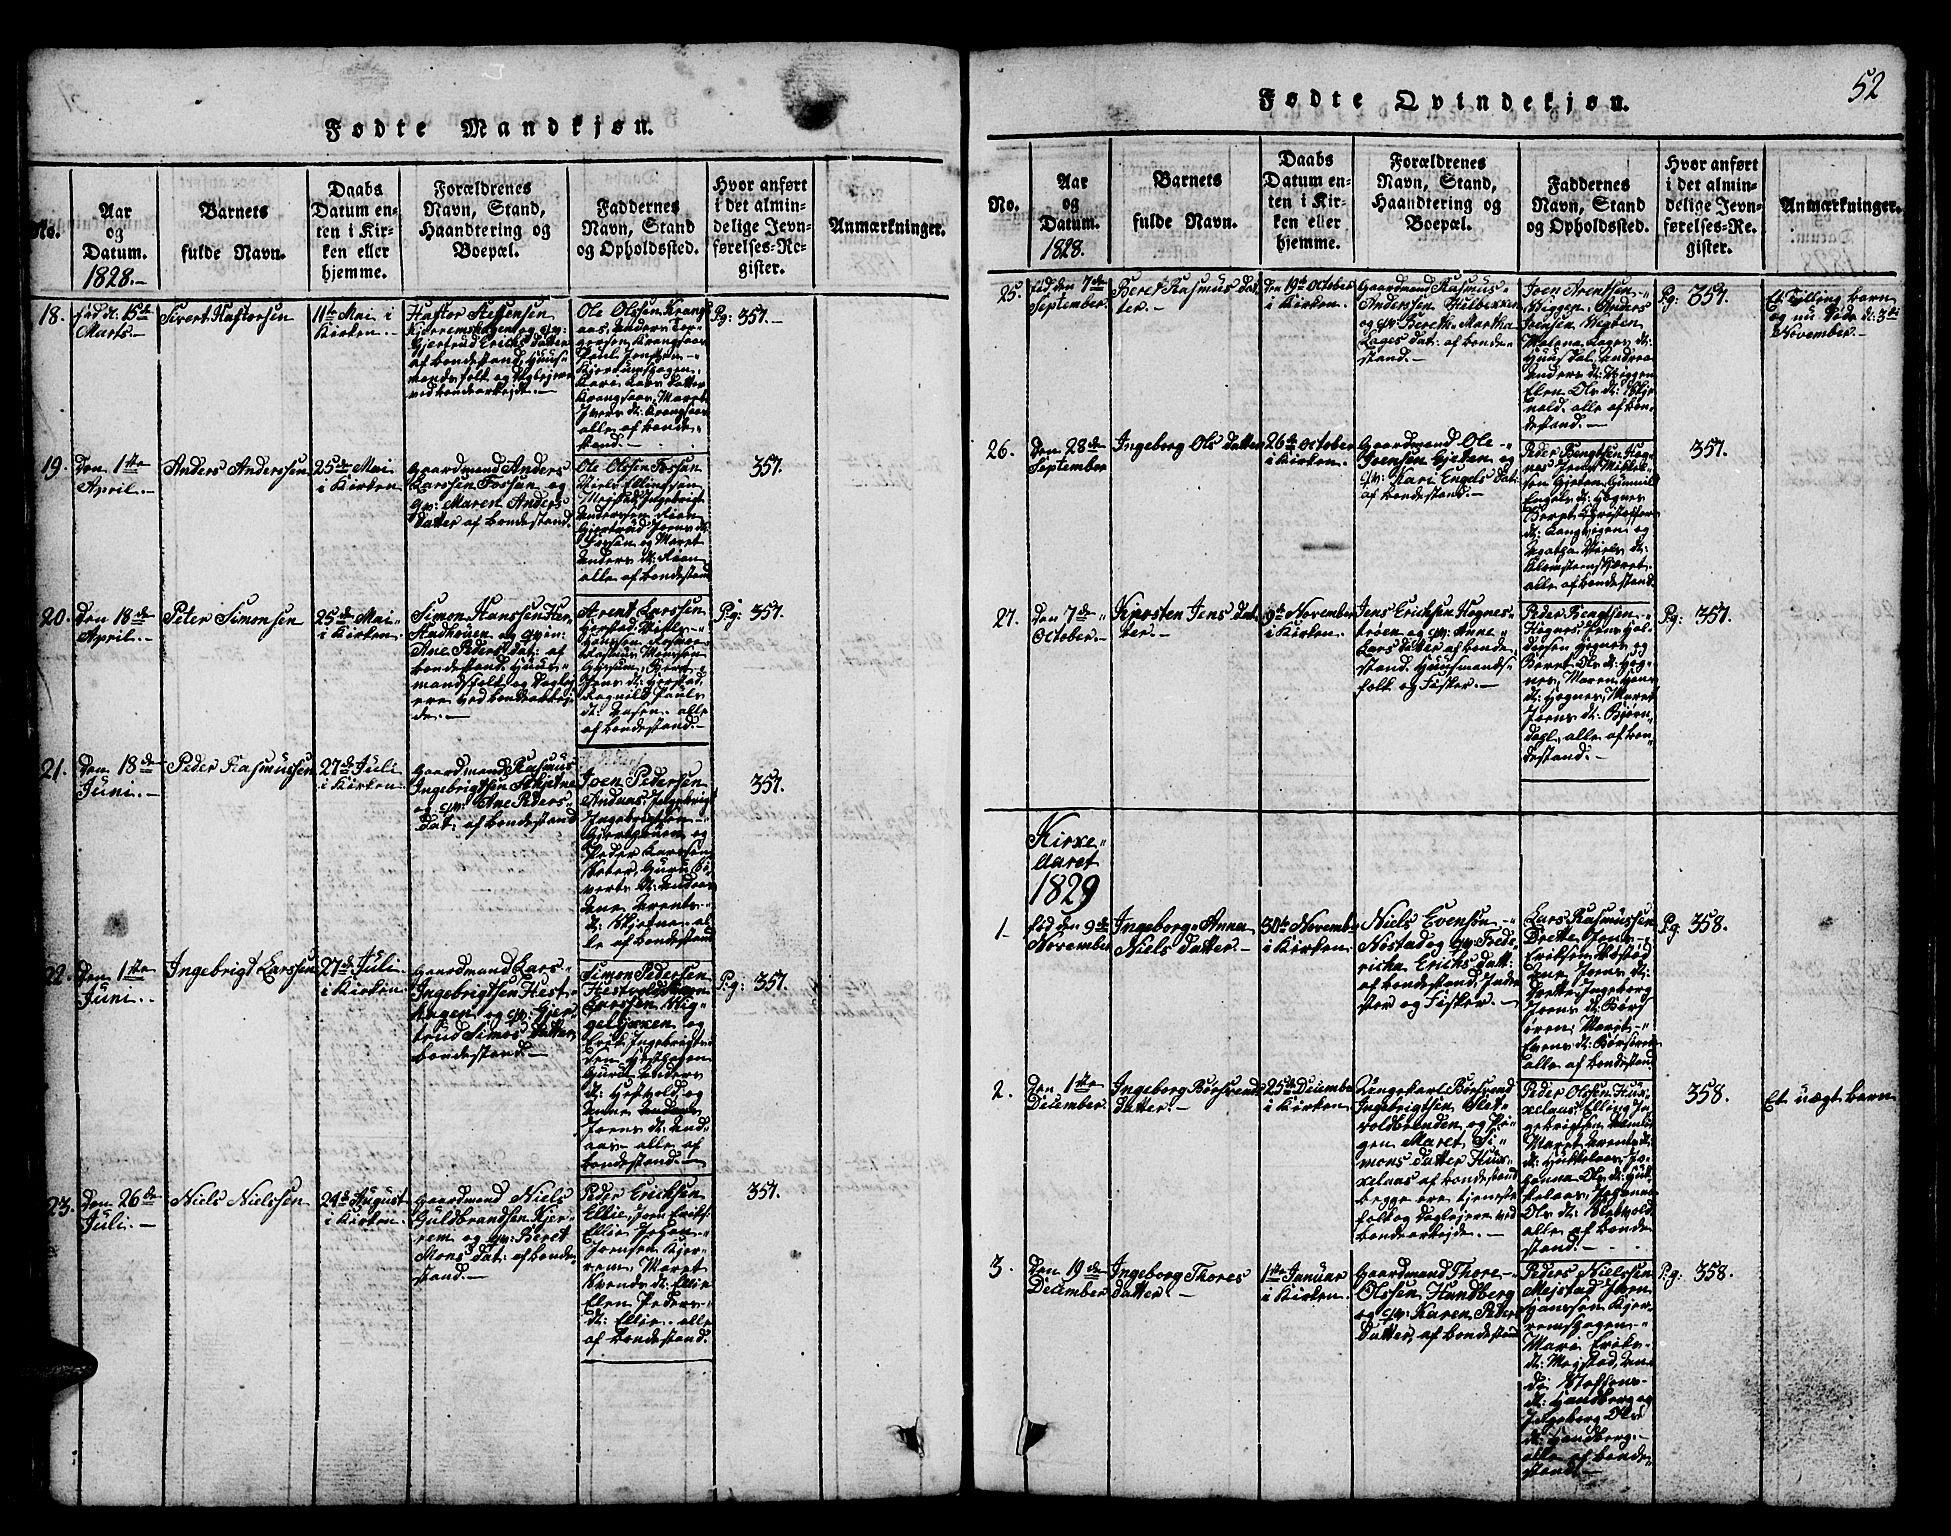 SAT, Ministerialprotokoller, klokkerbøker og fødselsregistre - Sør-Trøndelag, 665/L0776: Klokkerbok nr. 665C01, 1817-1837, s. 52